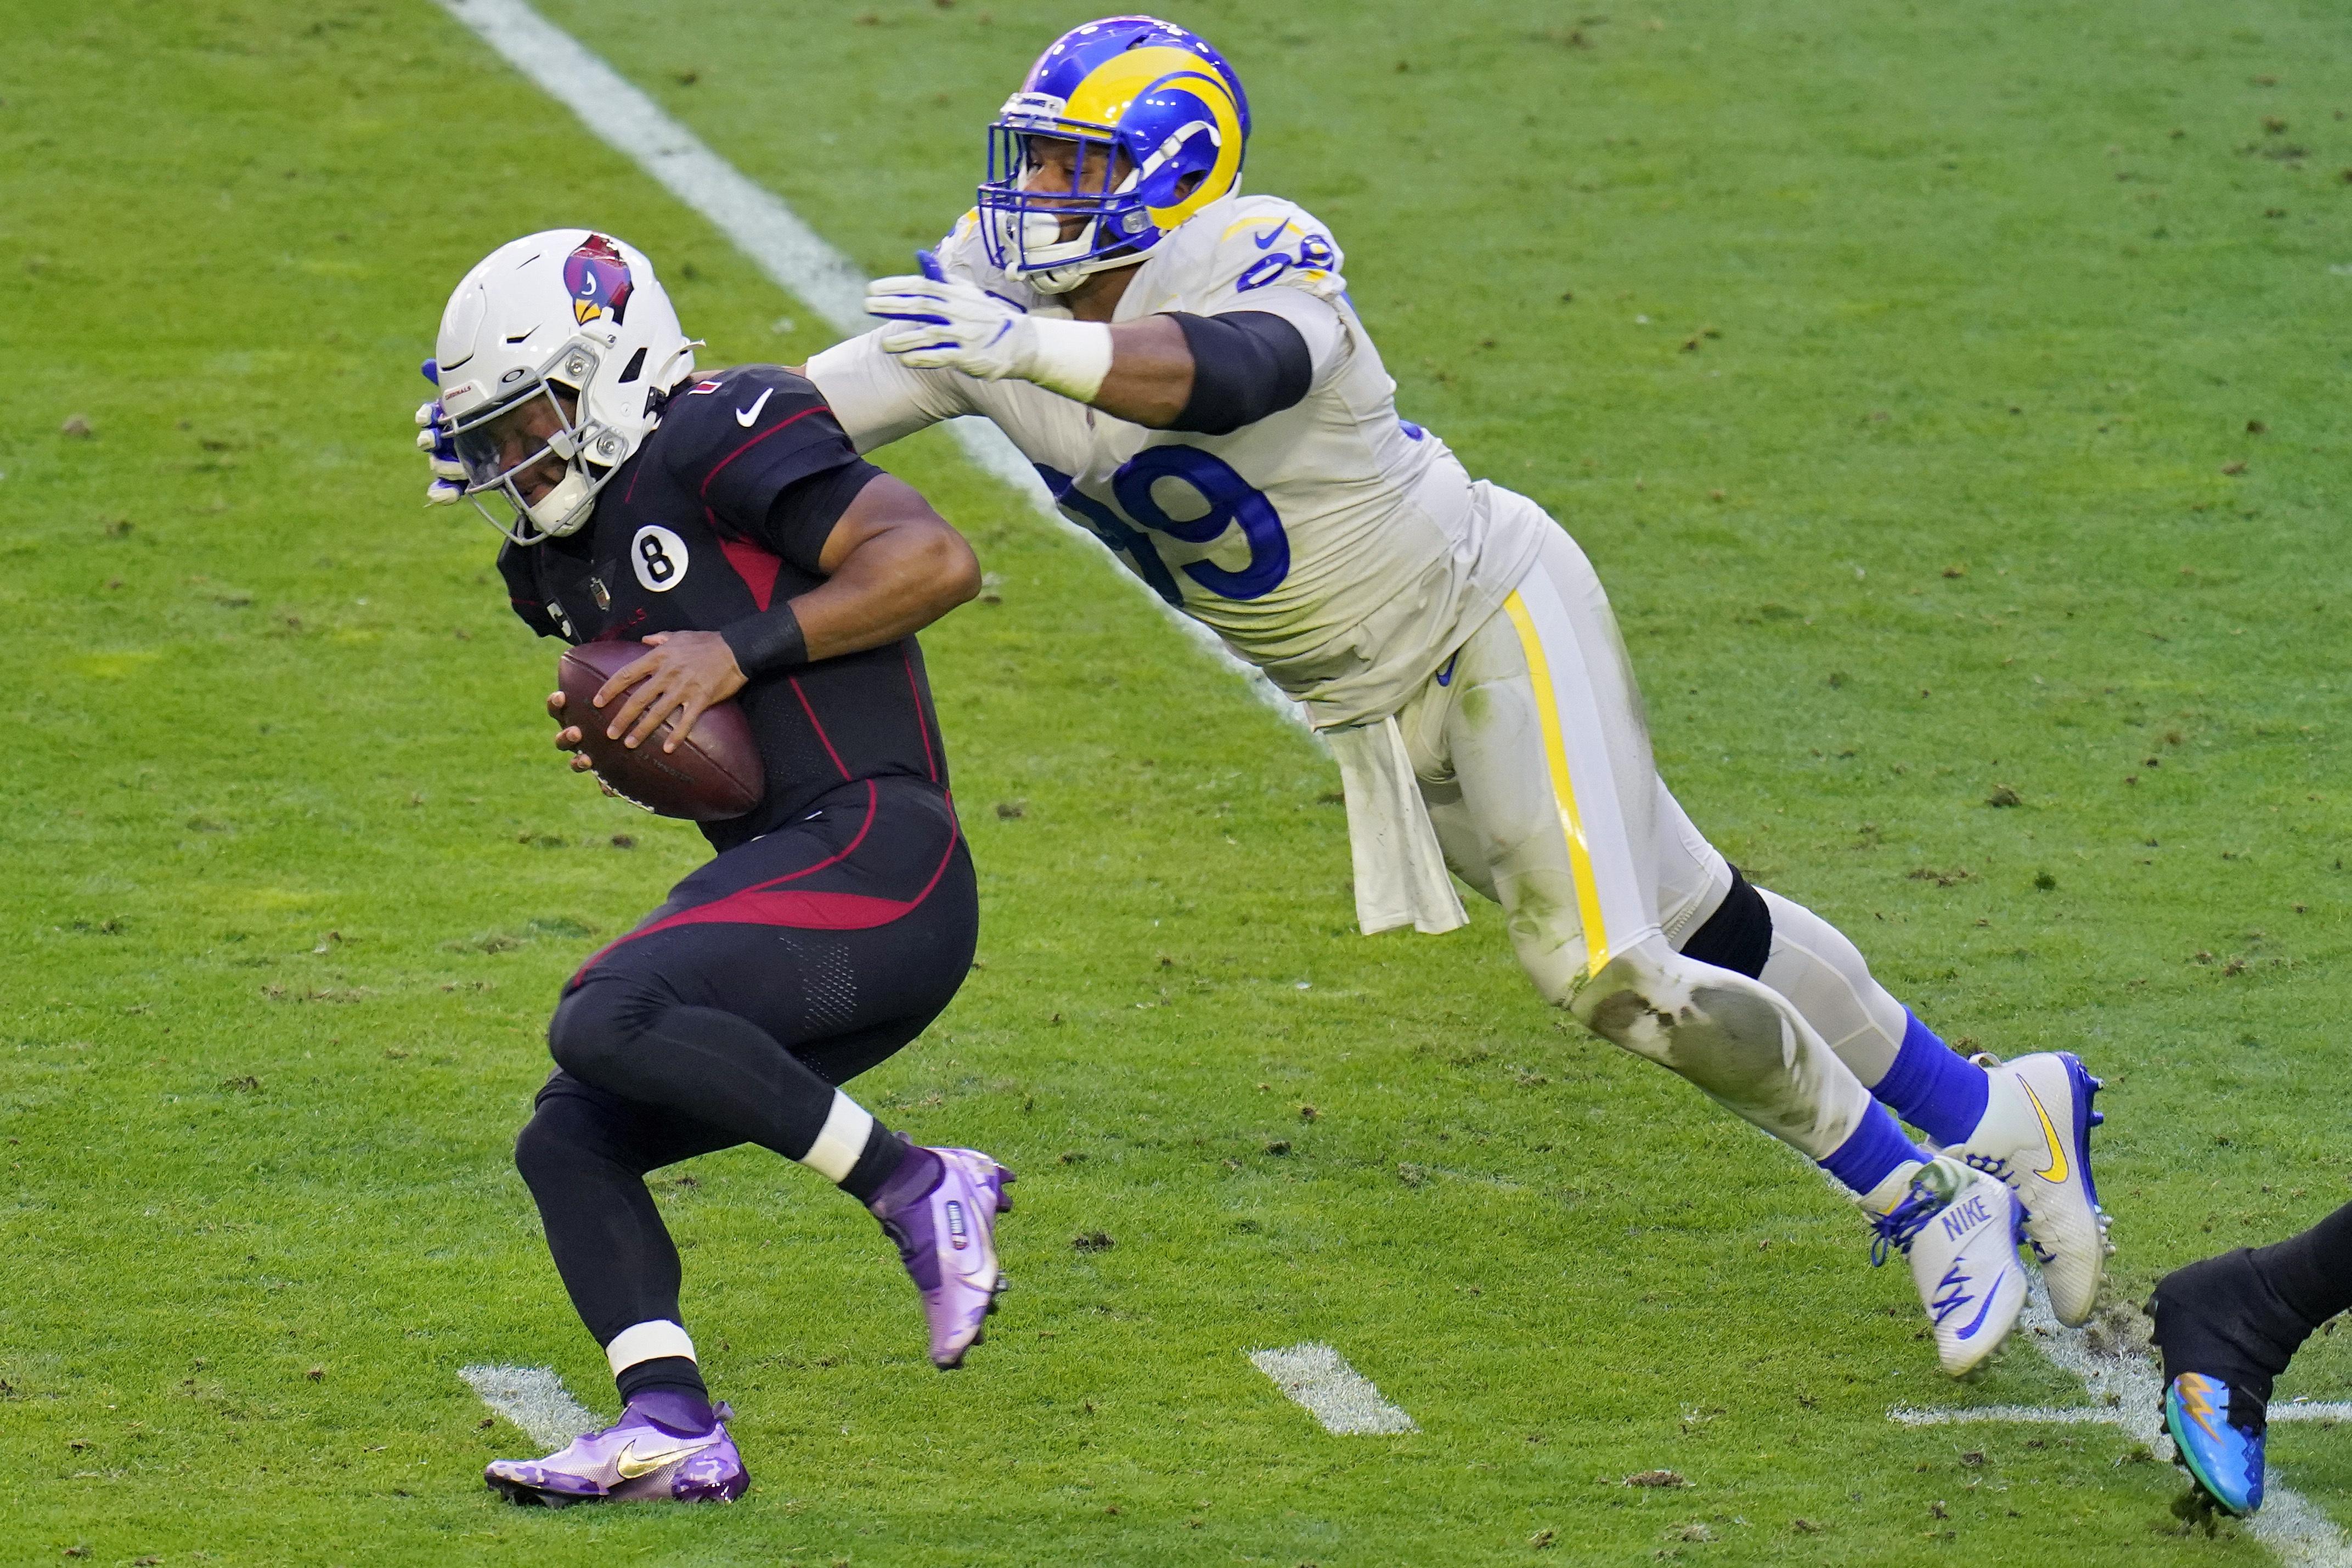 Rams defensive end Aaron Donald